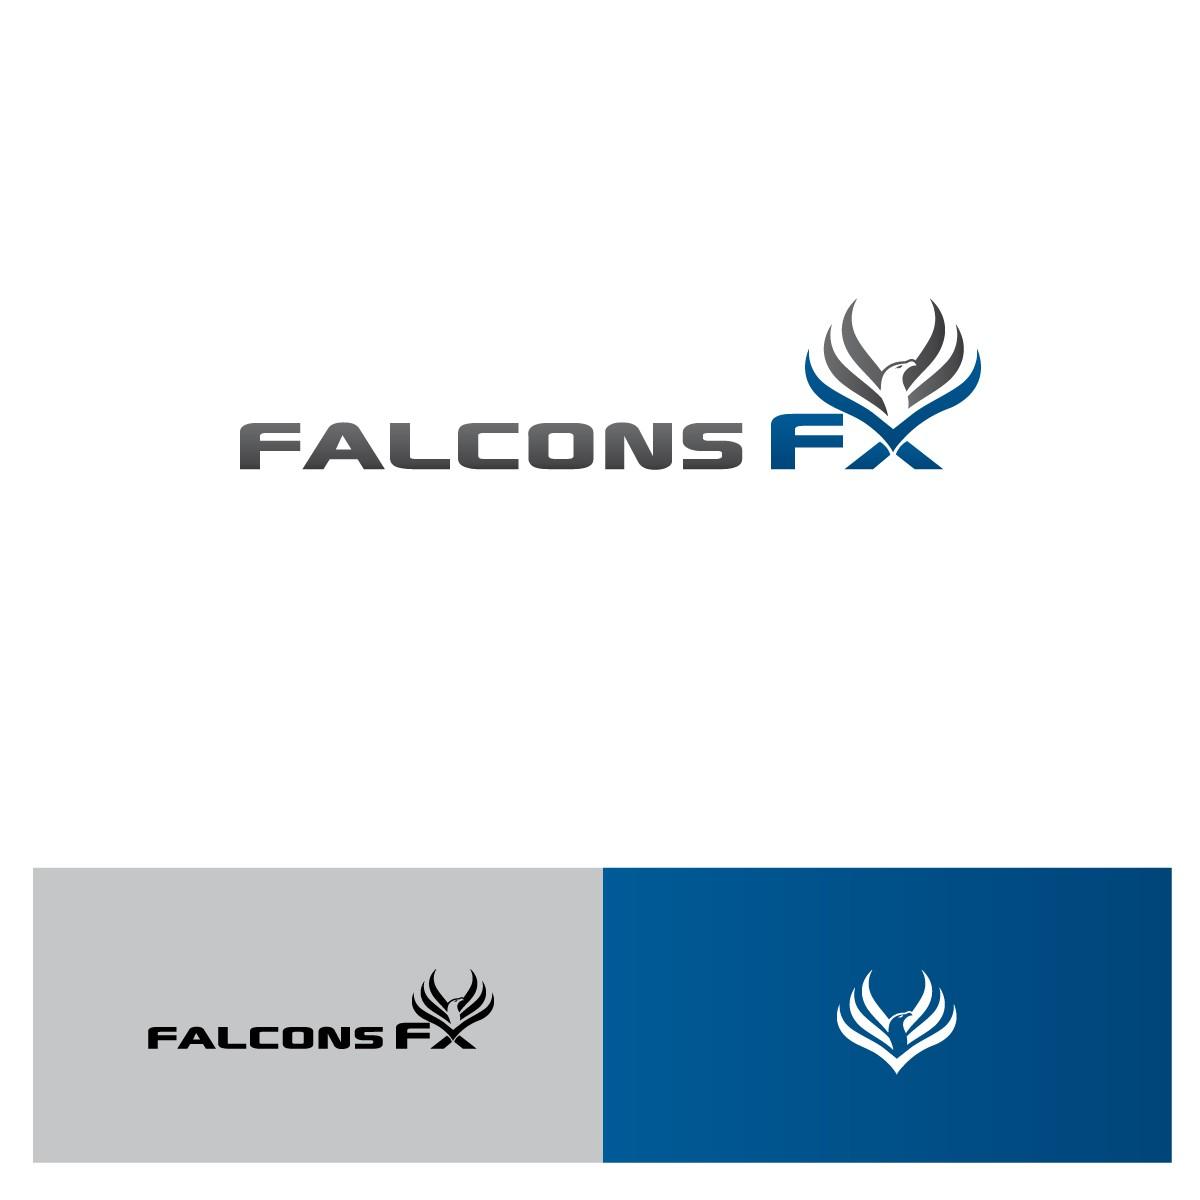 Create the next logo for Falcons FX